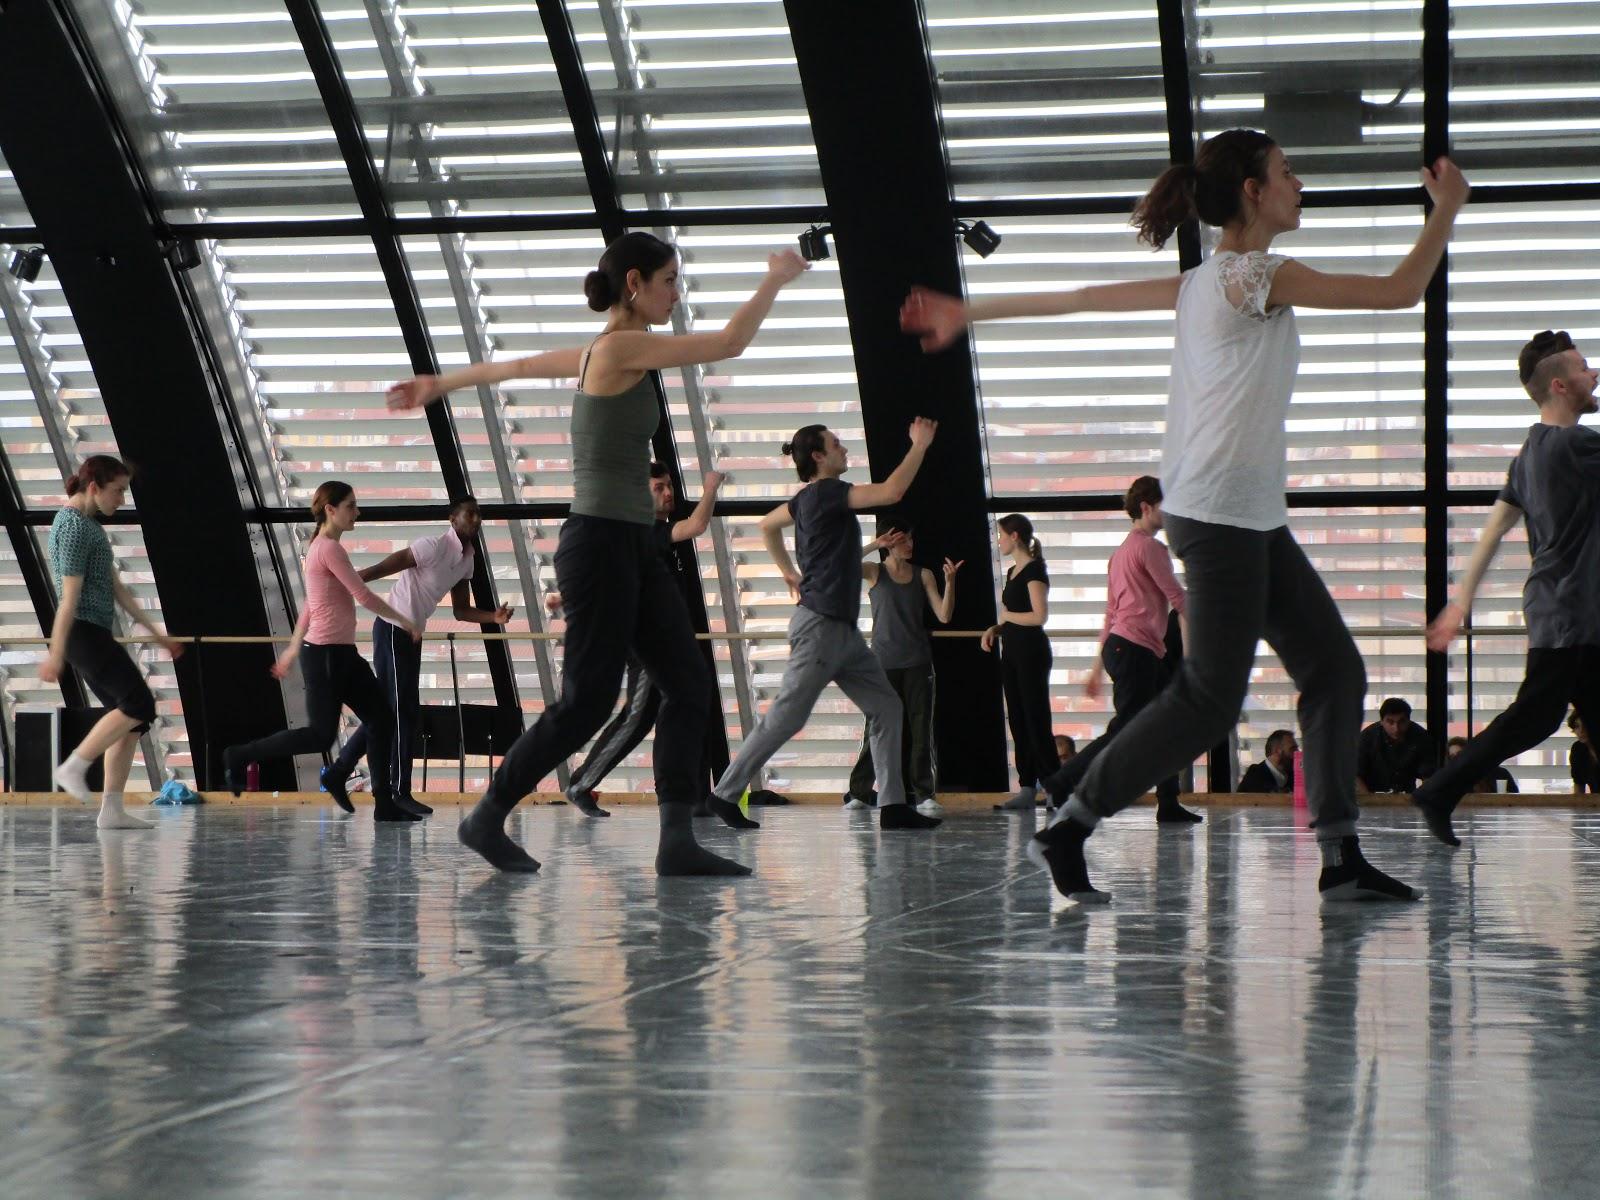 Vitesse de danse datant de Londresrencontres en ligne trop impersonnelle